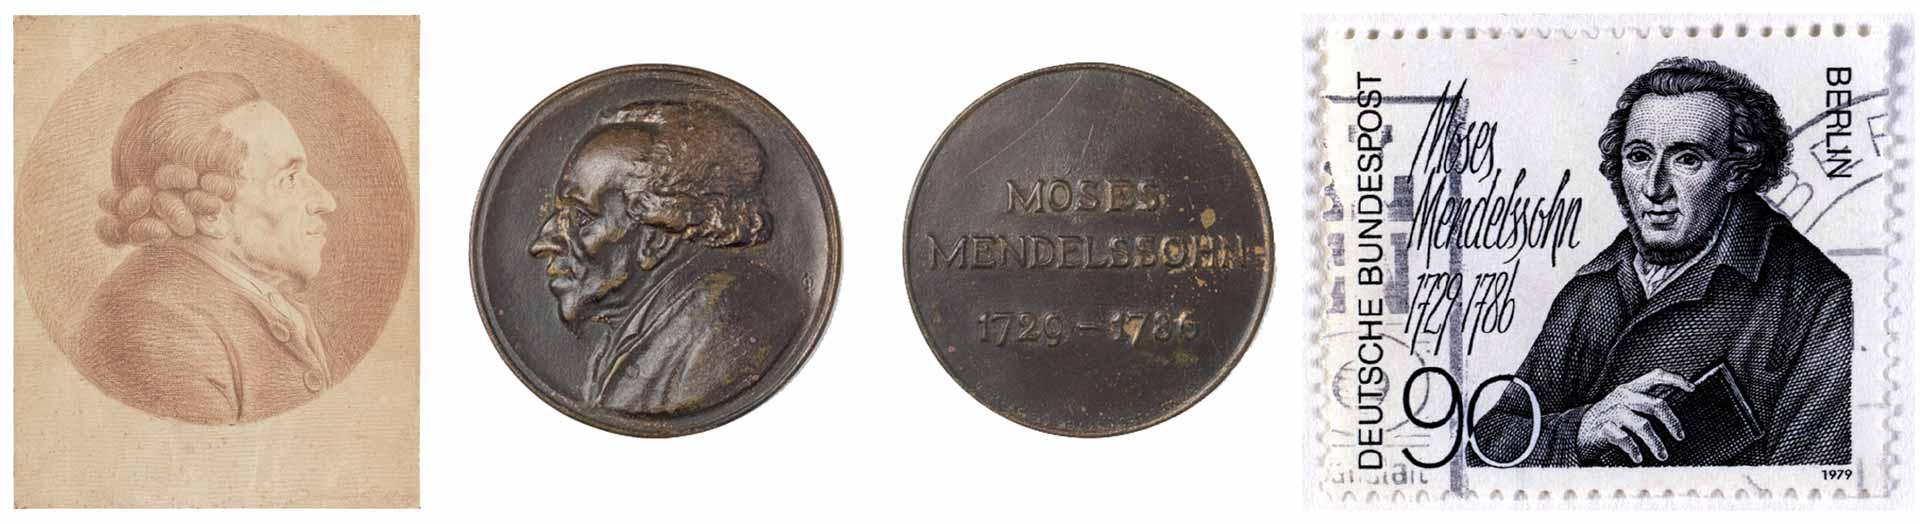 Collage: 1. Zeichnung von Moses Mendelssohn mit Zopfperücke 2. Vorder- und Rückseite einer Bronzemedaille mit schwarzer Patina und Flachrelief 3. Schwarz-weiße 90 Pfg.-Briefmarke der Deutschen Bundespost Berlin